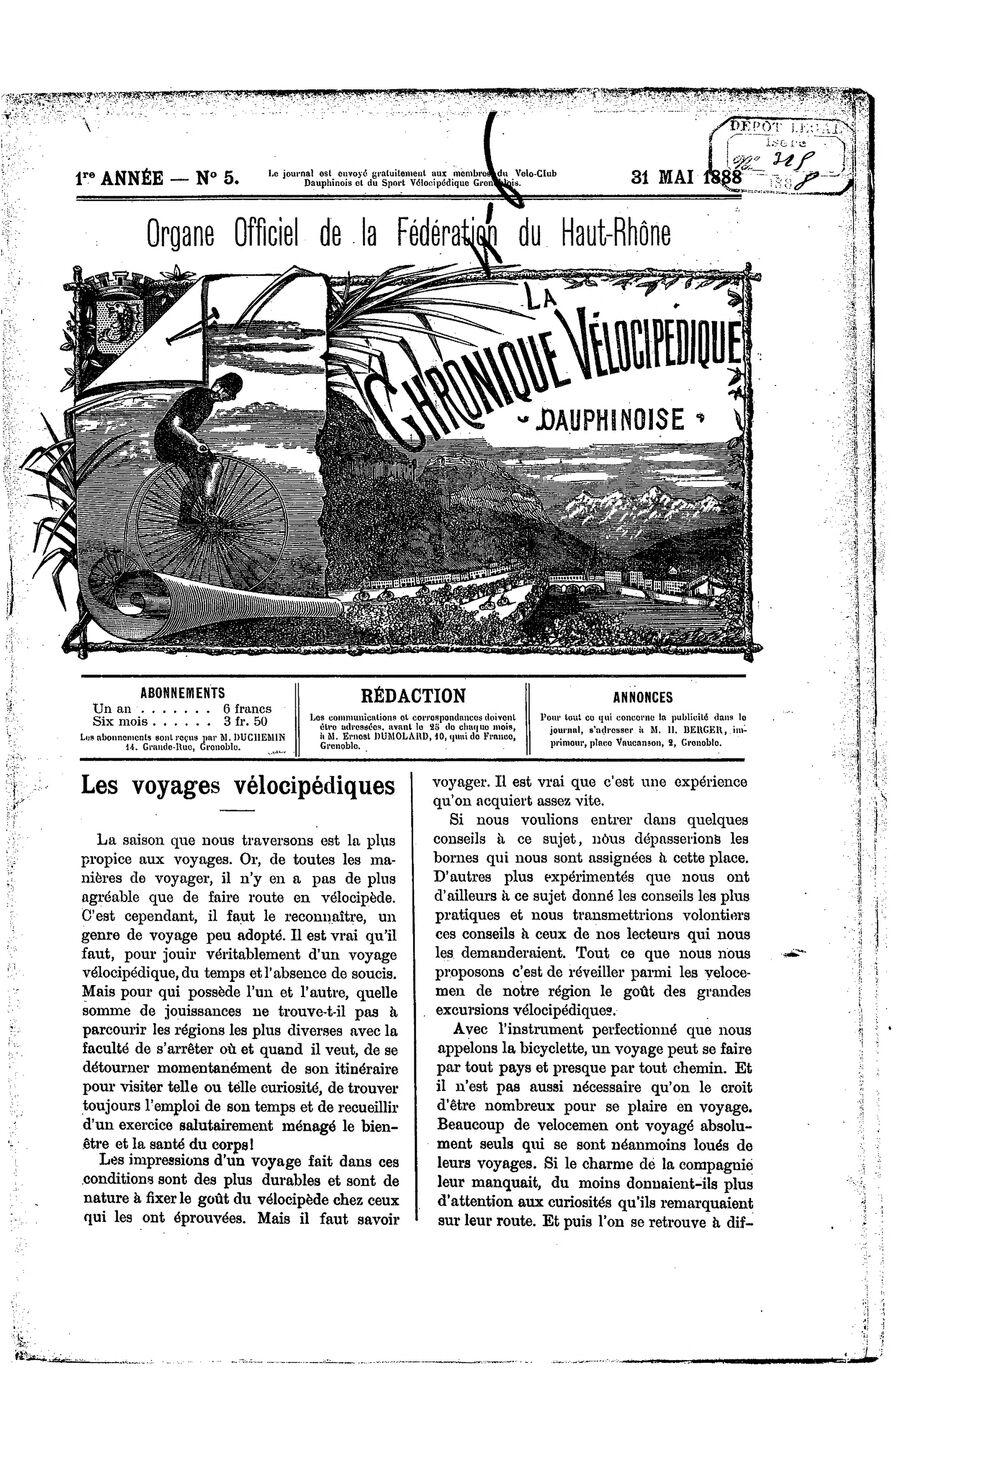 La Chronique vélocipédique dauphinoise / l'imprimeur-gérant b : H. Berger - 31 mai 1888